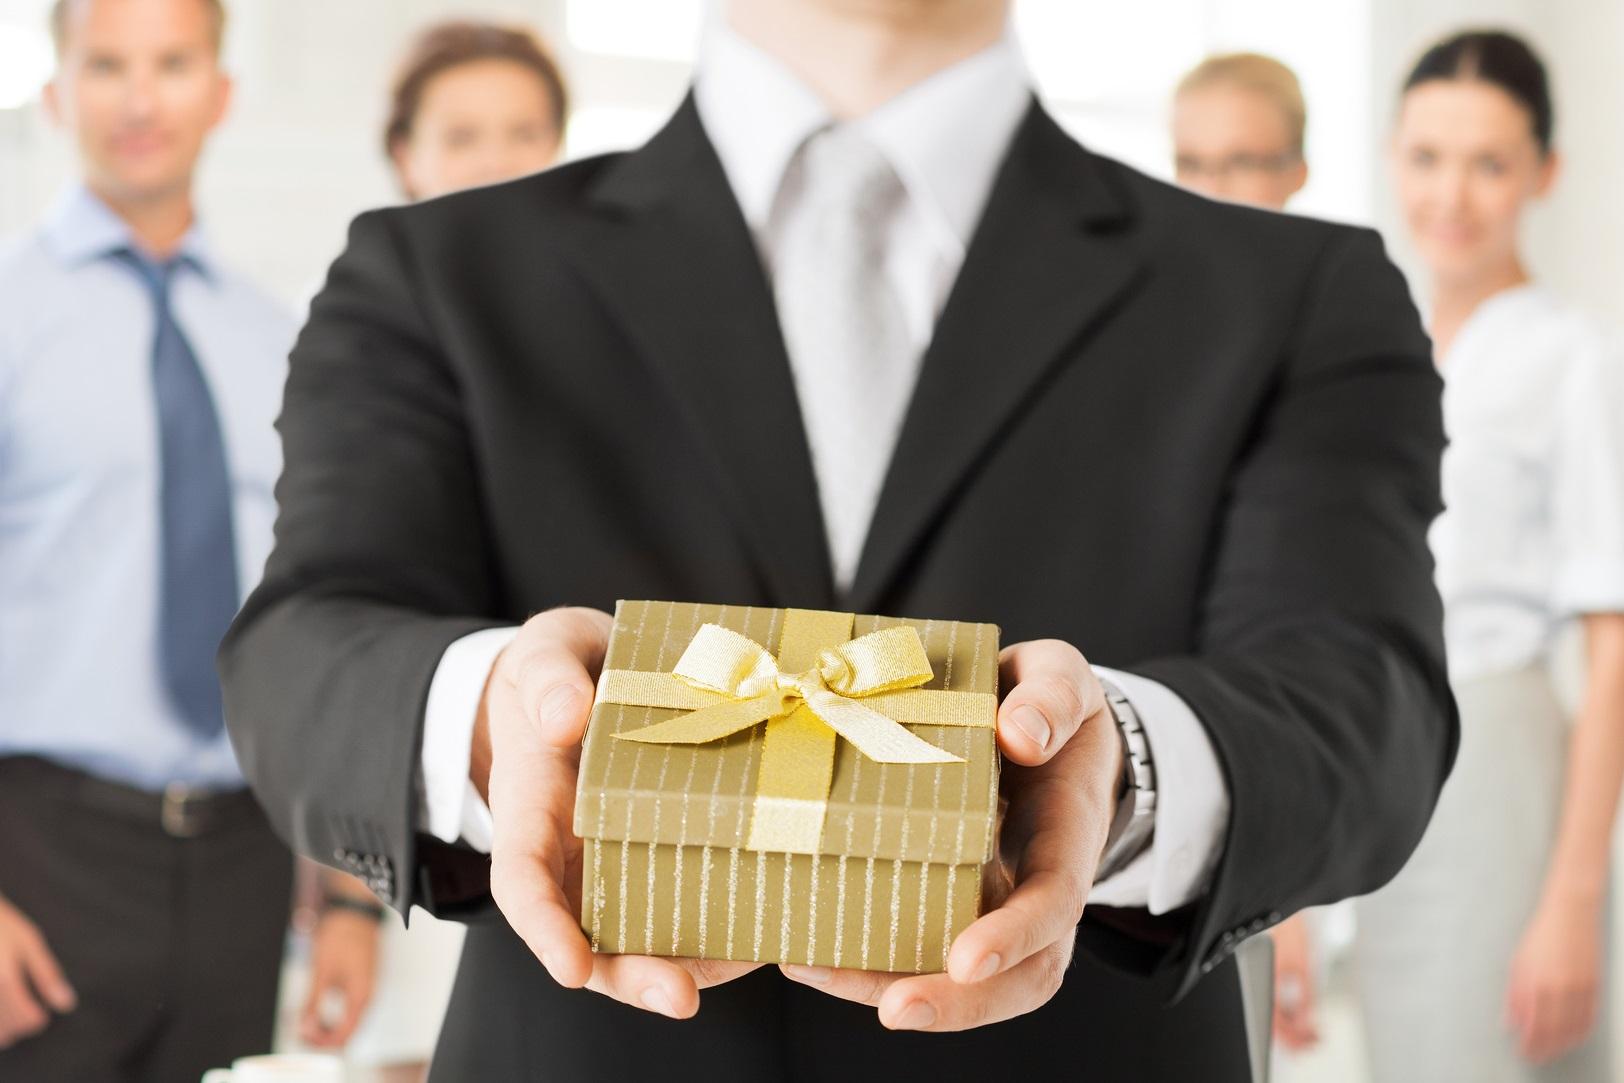 Сотрудник имеет право принимать или вручать подарки